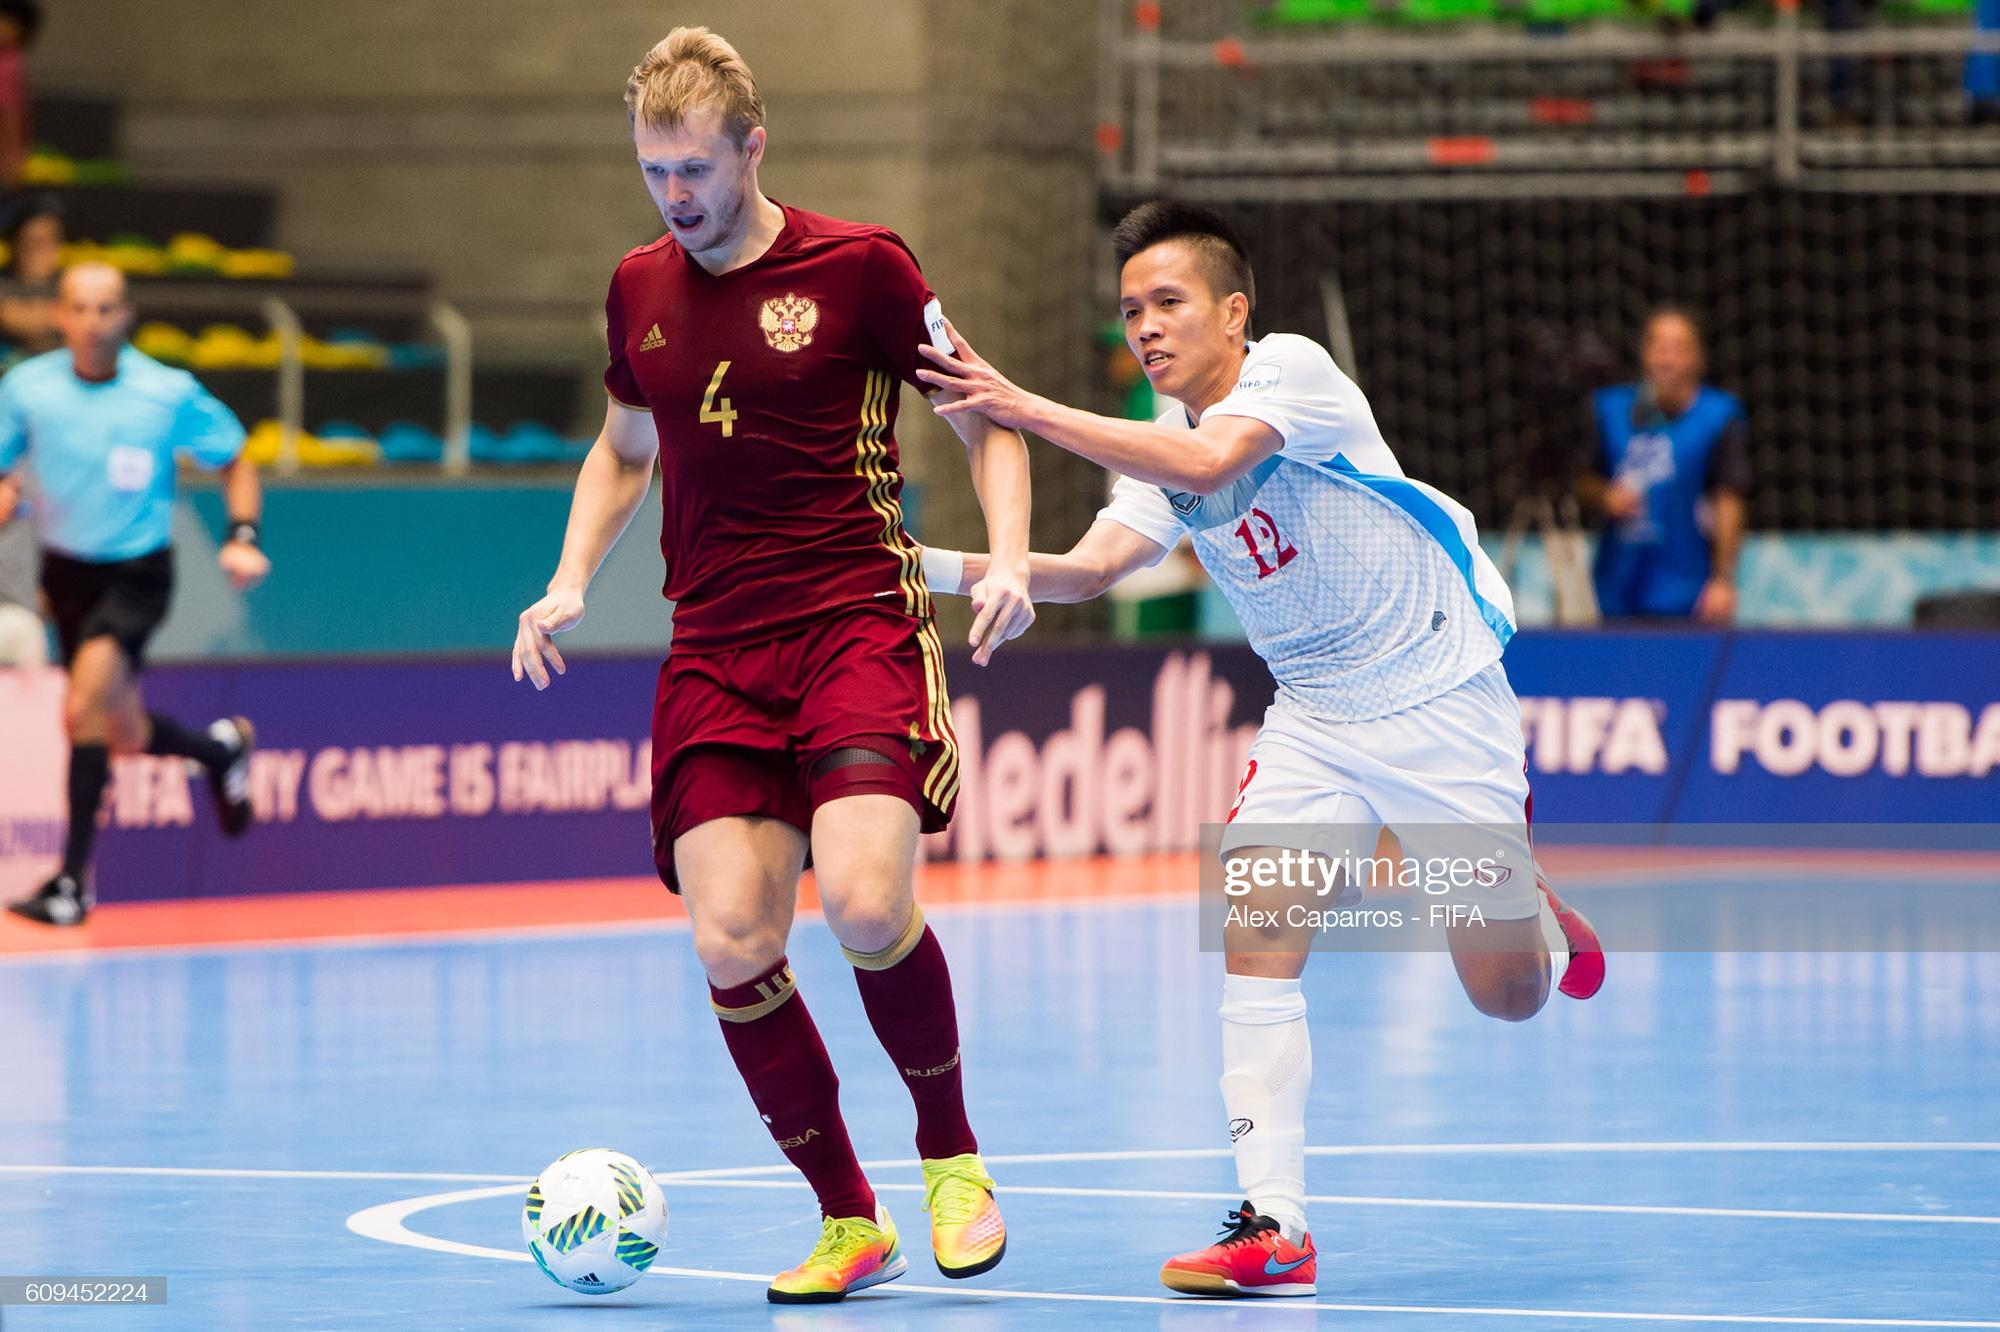 Đối thủ của tuyển futsal Việt Nam ở vòng 16 đội World Cup 2021: Quen mặt, nhưng vẫn quá mạnh - ảnh 7